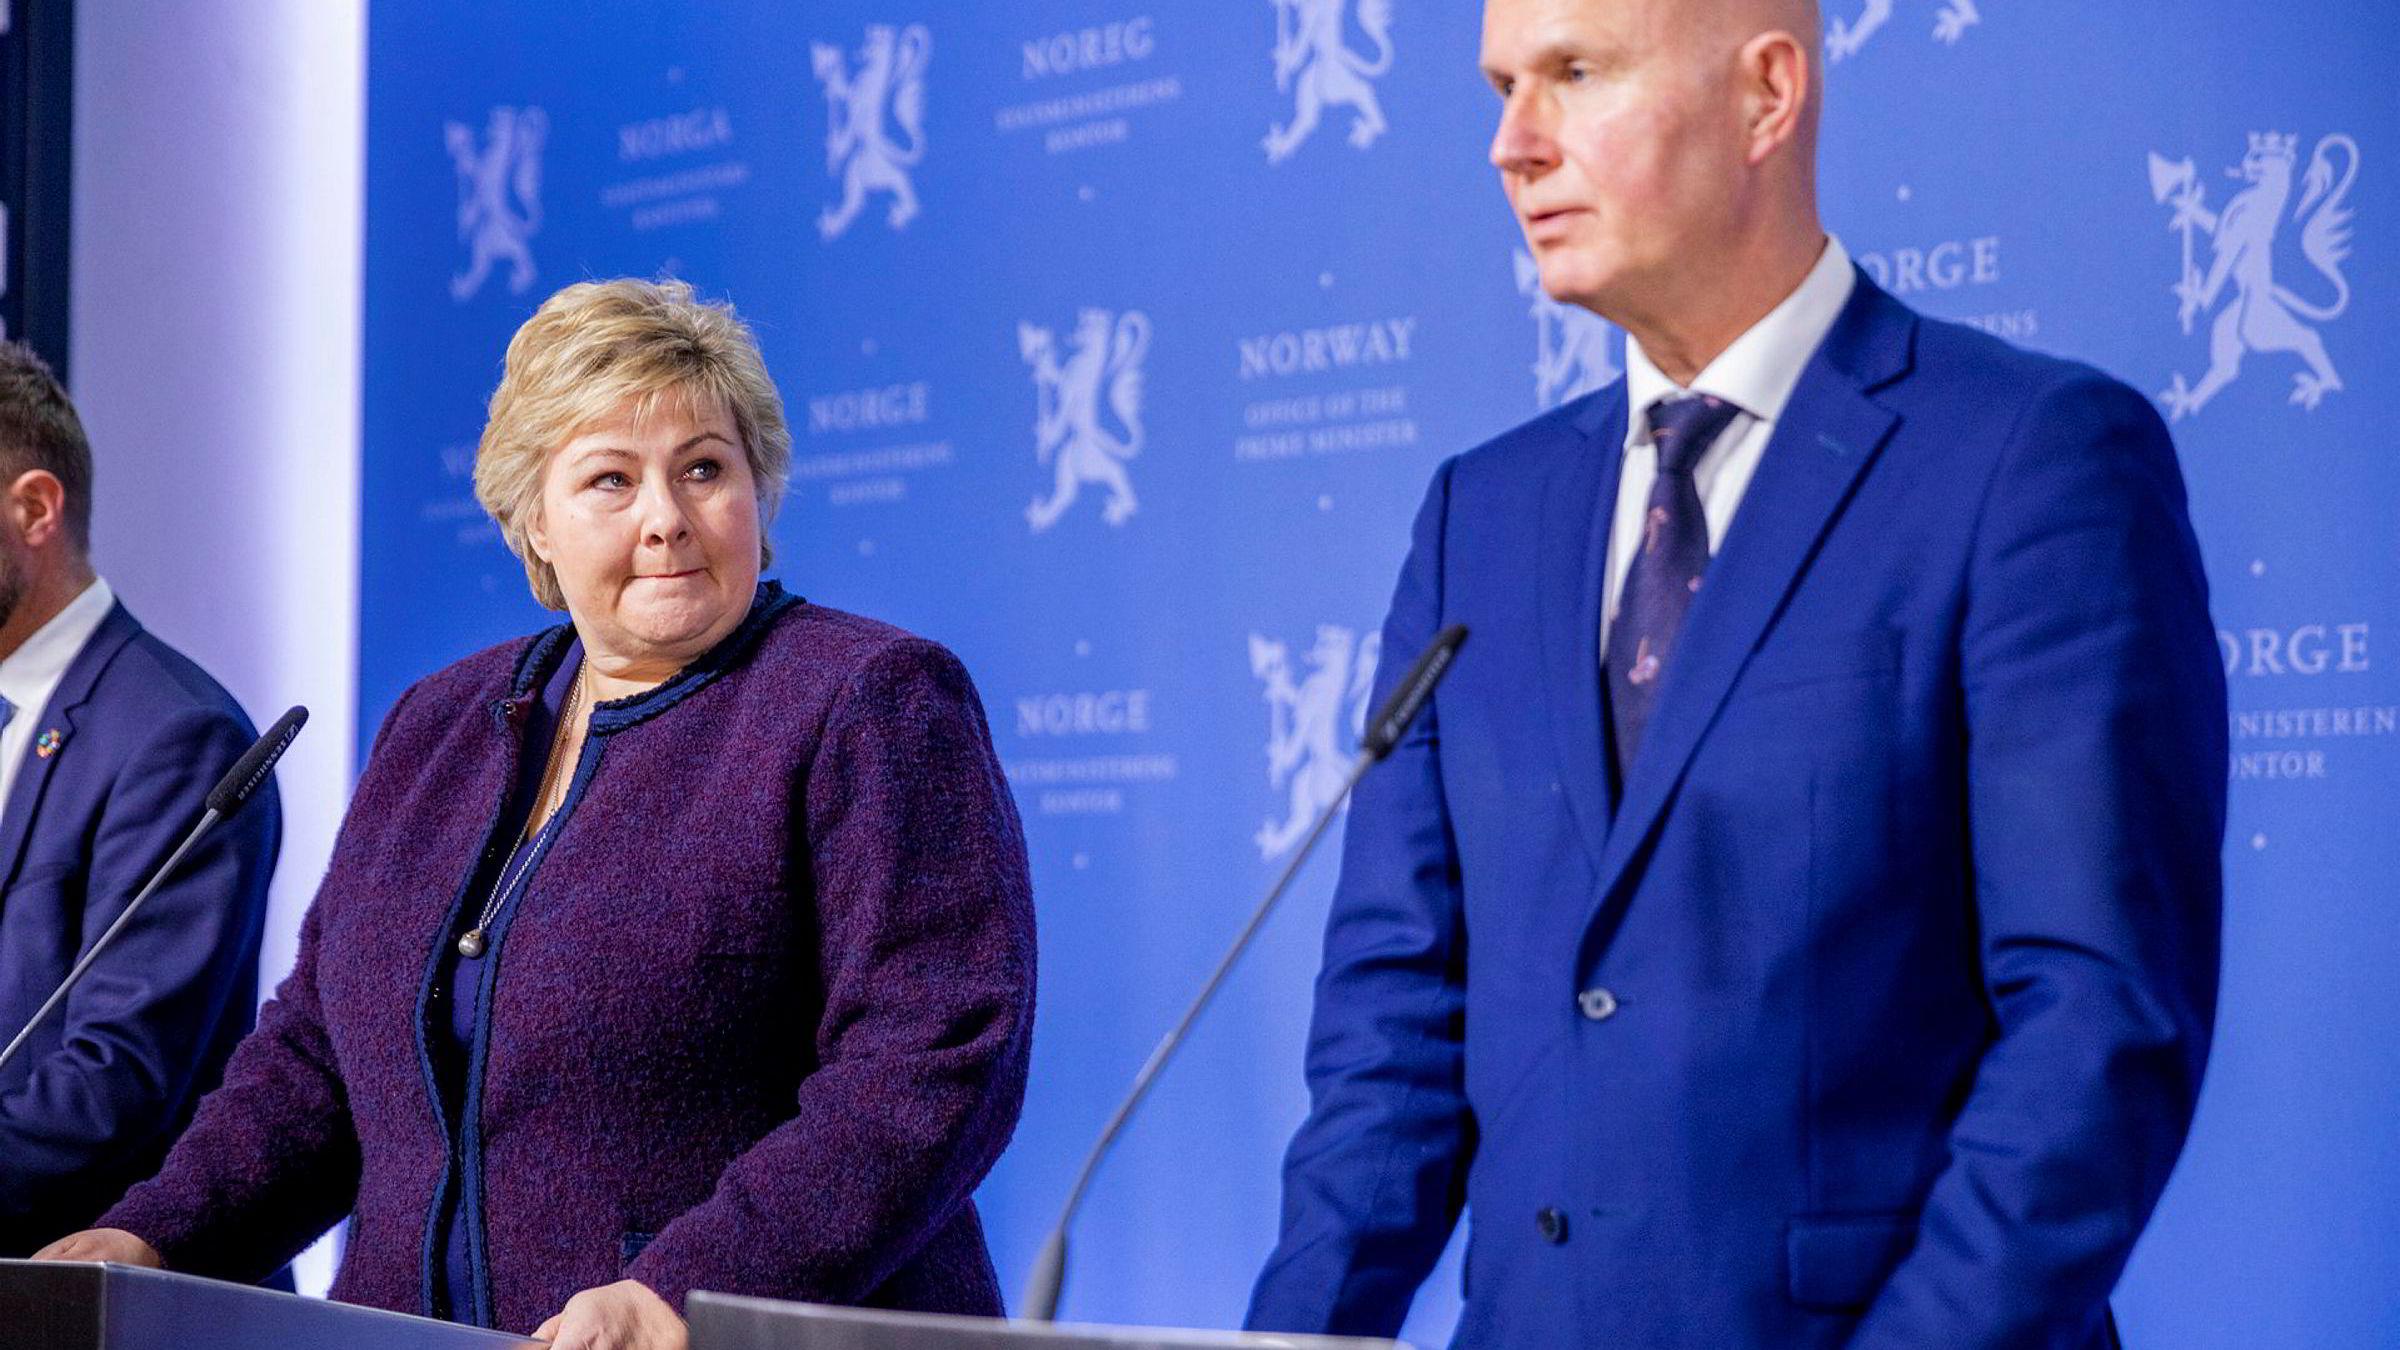 På det politiske plan ser vi at staten trår til med styrke, skriver artikkelforfatteren. Statsminister Erna Solberg og helsedirektør Bjørn Guldvog forteller her om nye tiltak mot koronaviruset.